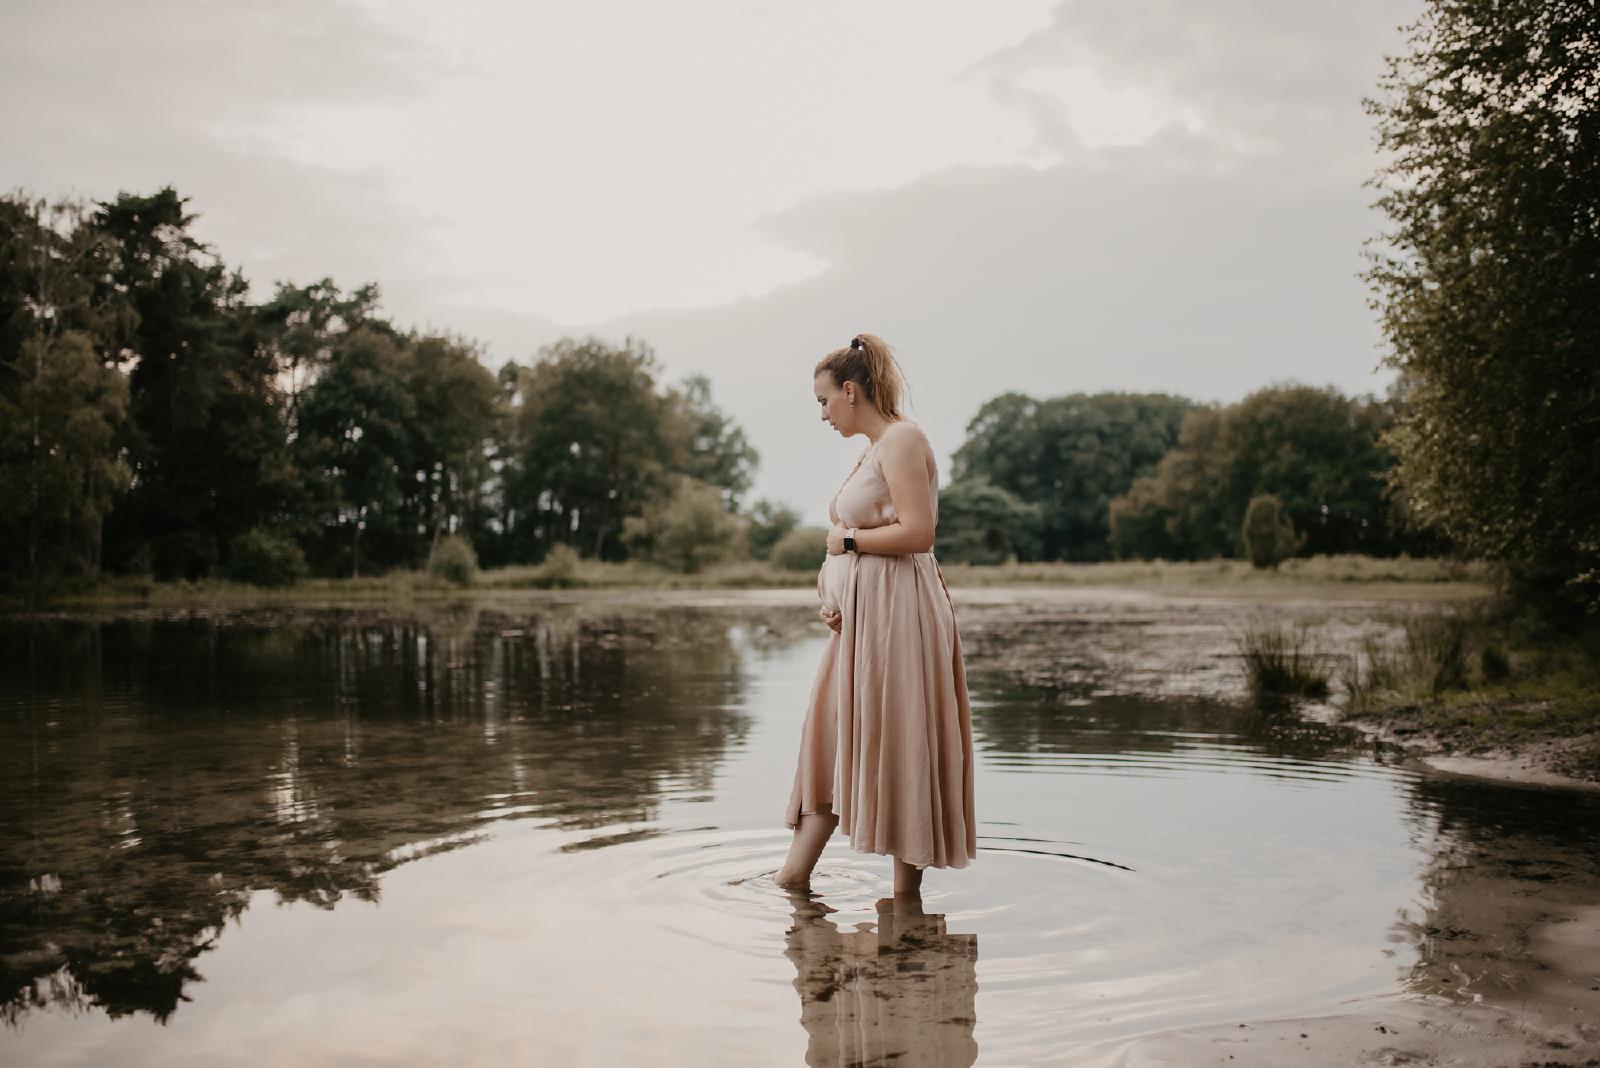 buursermeertje zwanger in het water